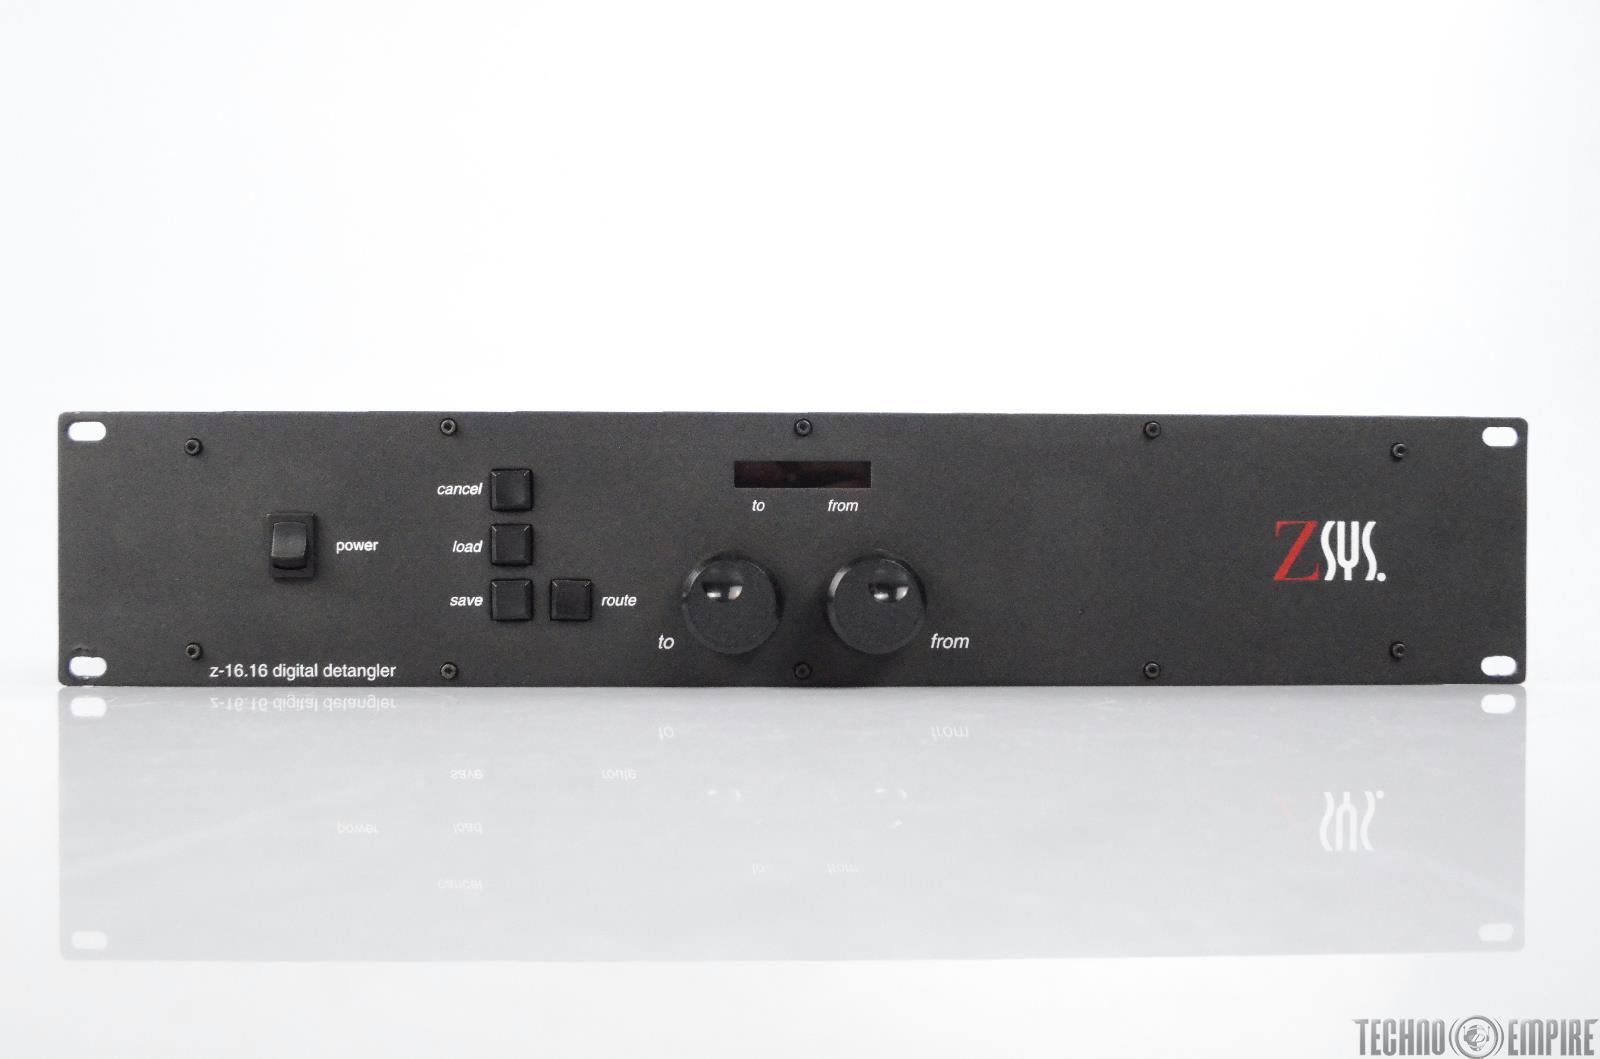 Z-Systems Audio Engineering Z-Sys Z-16.16 Digital Detangler w/ XLR cable #30798